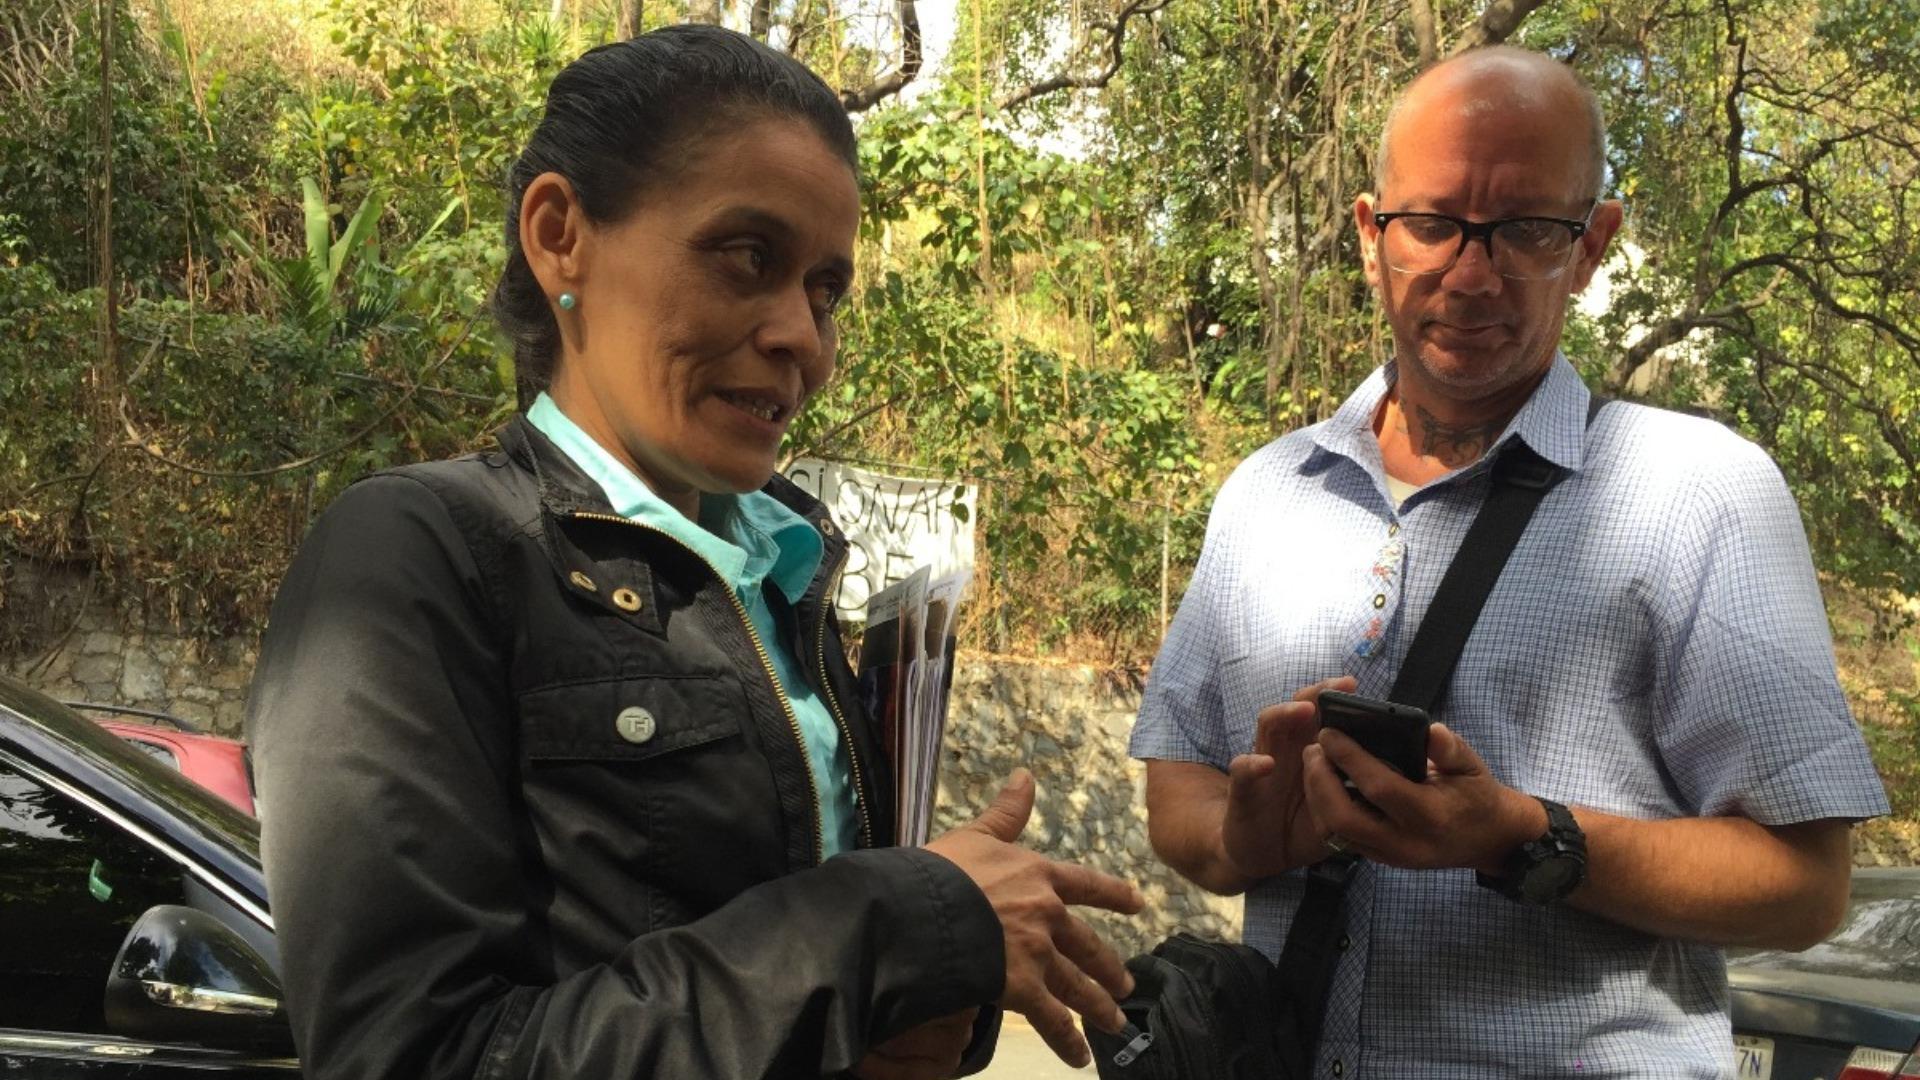 #MonitorDeVíctimas | Seis personas participaron en el asesinato de un hombre en Maca